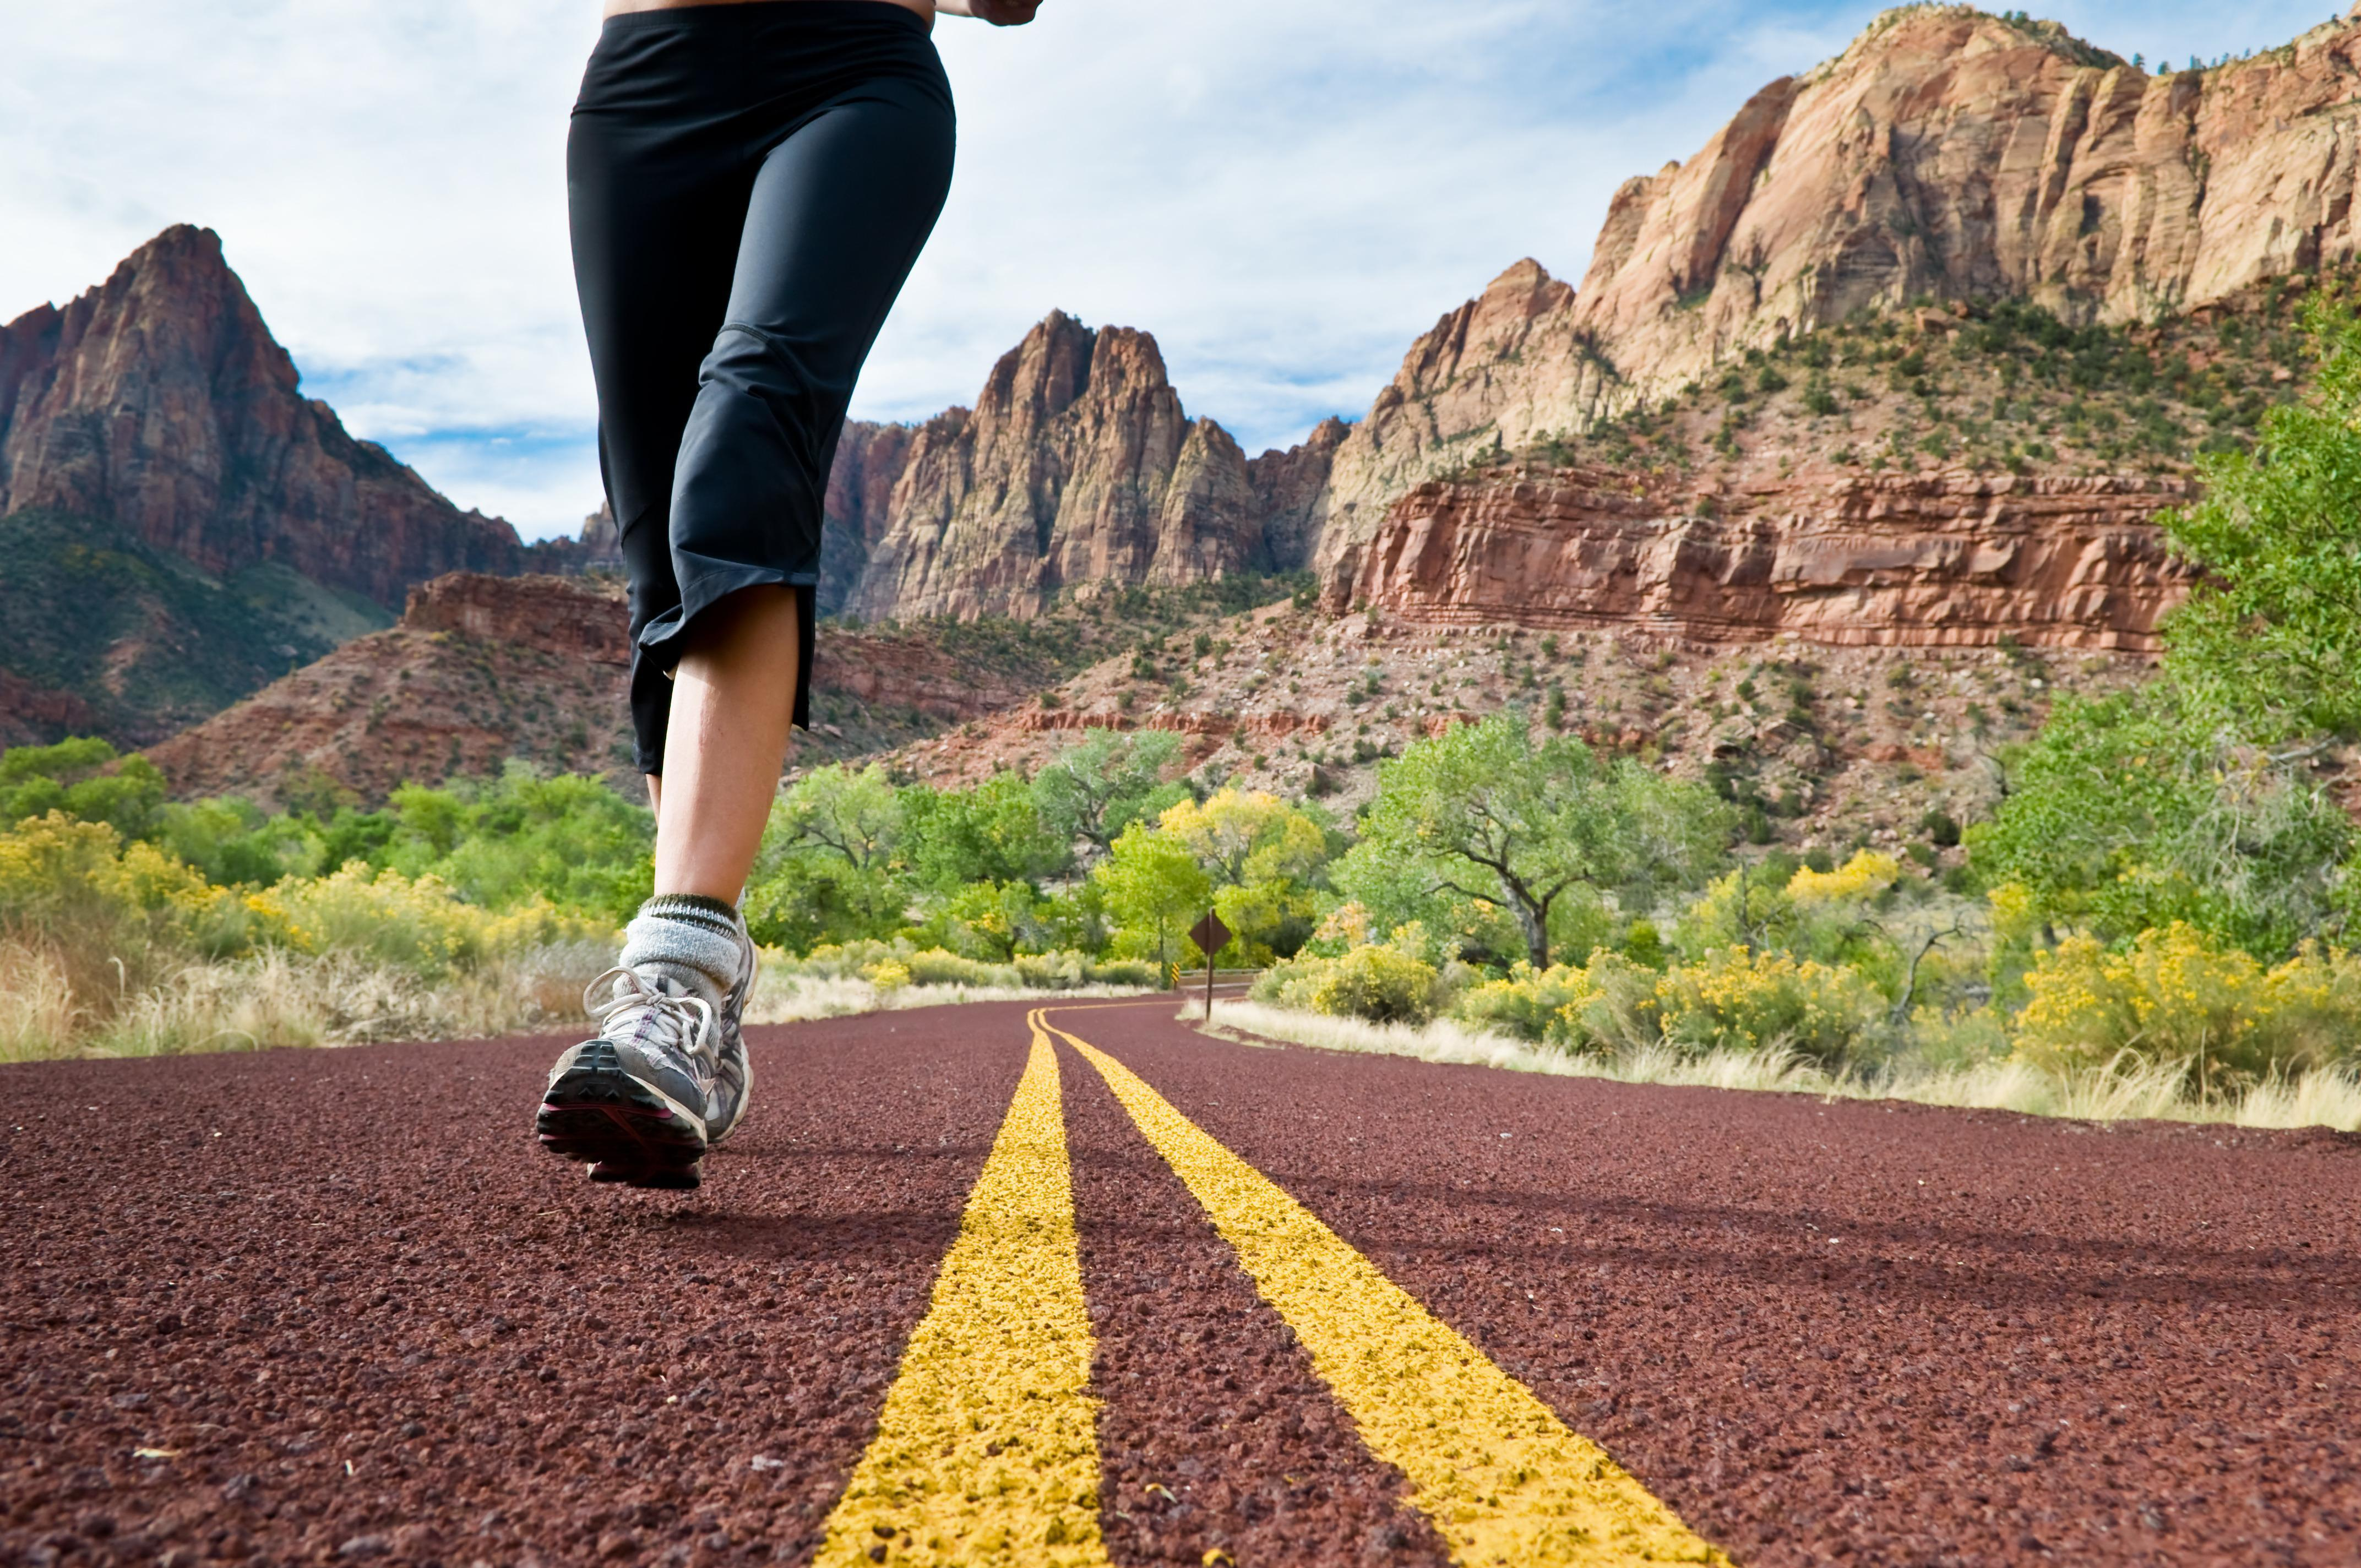 Caminhada a Ritmo Moderado, Rápido ou Correr: Qual Queima Mais Calorias?